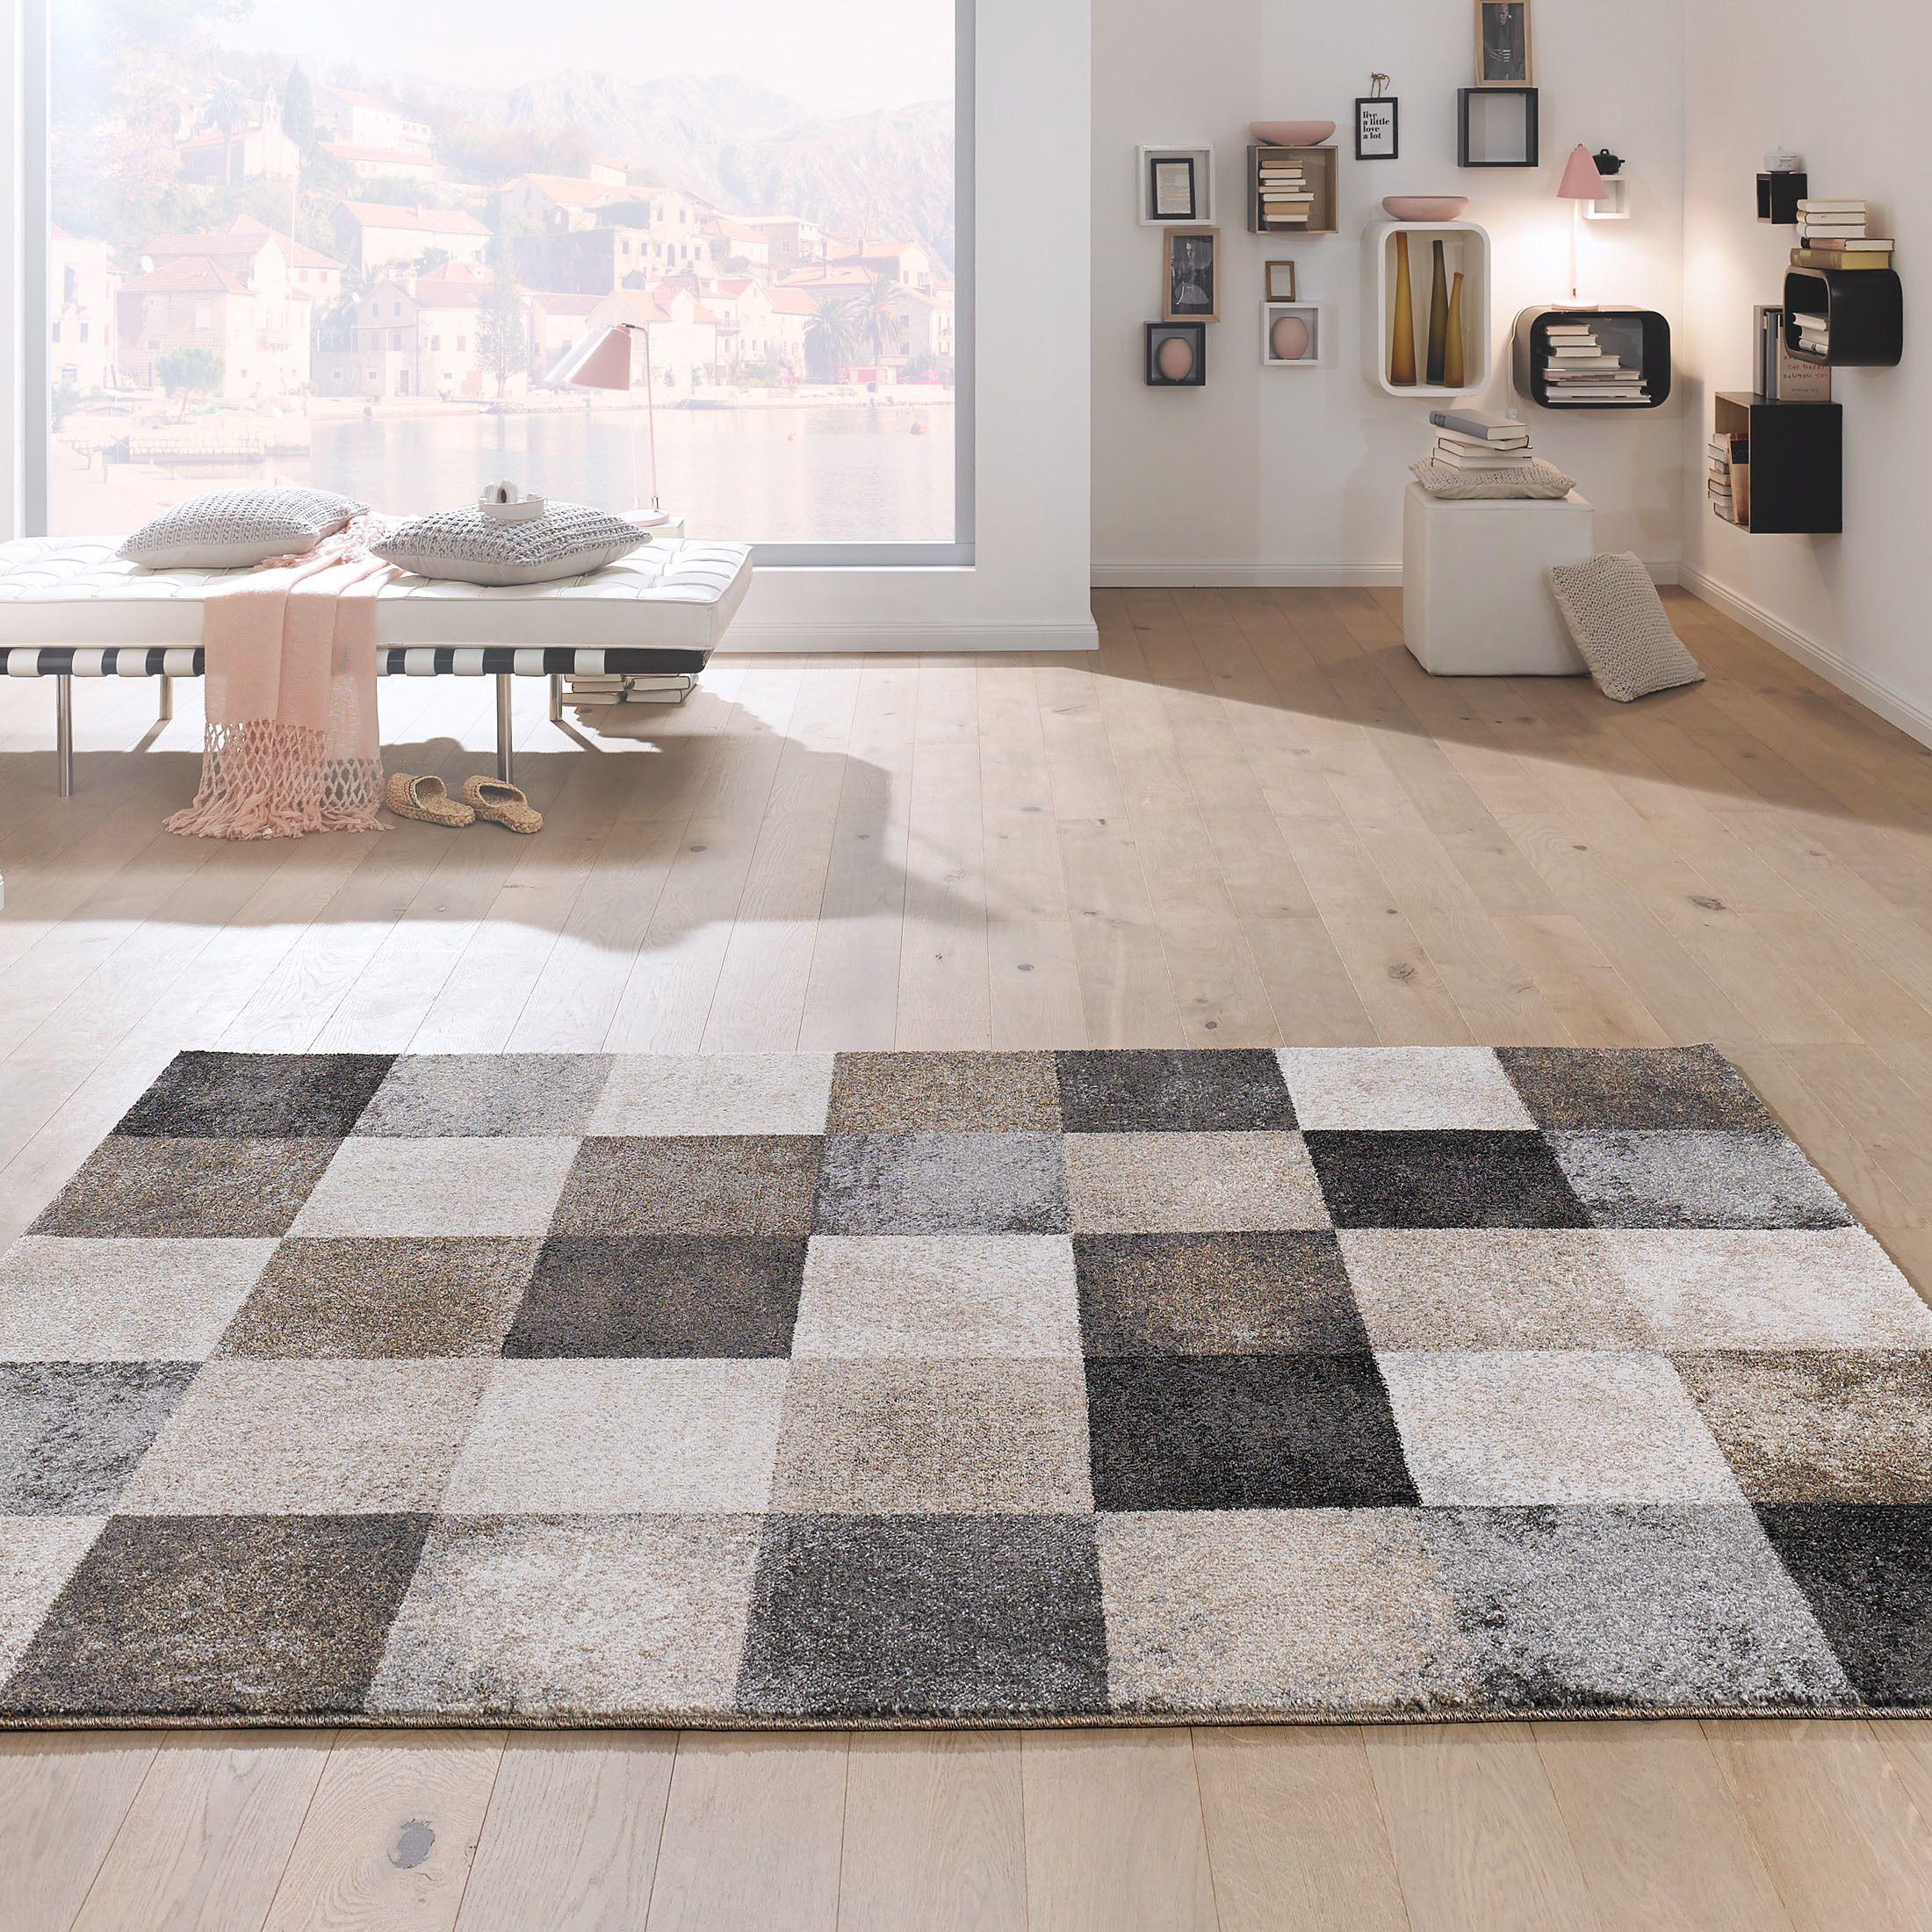 72 Einzigartig Fotos Von Teppich Domane Hanau Teppich Kibek Teppich Kaufen Teppich Design